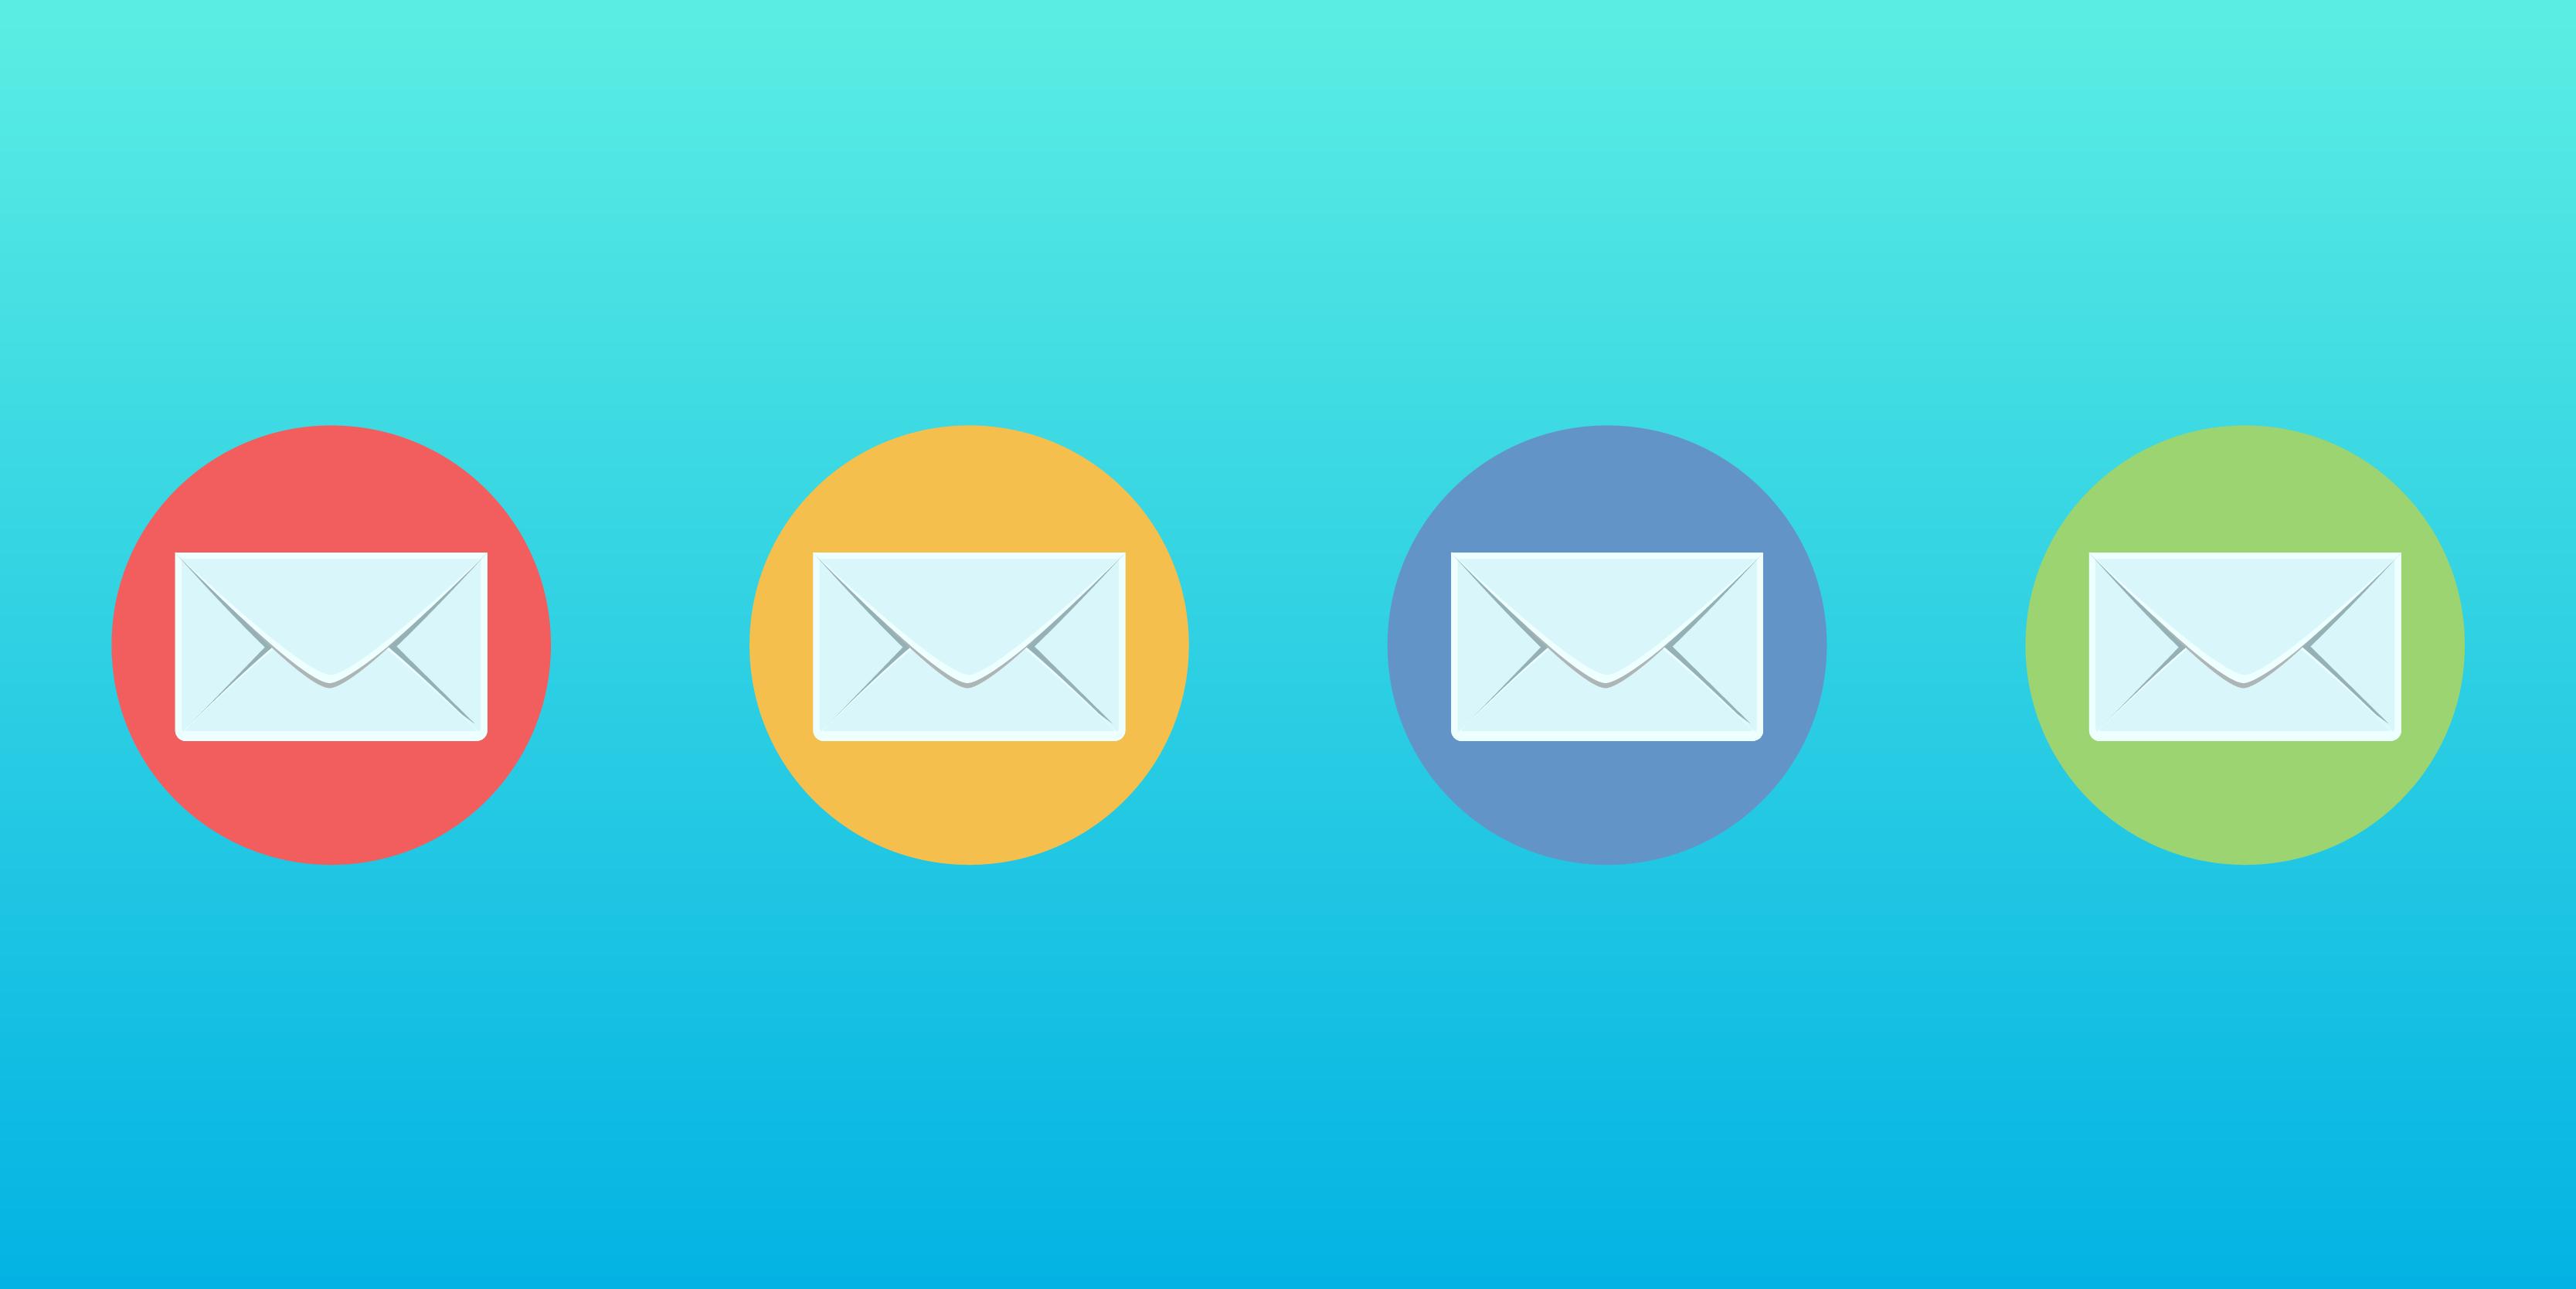 Come scegliere la piattaforma di email marketing